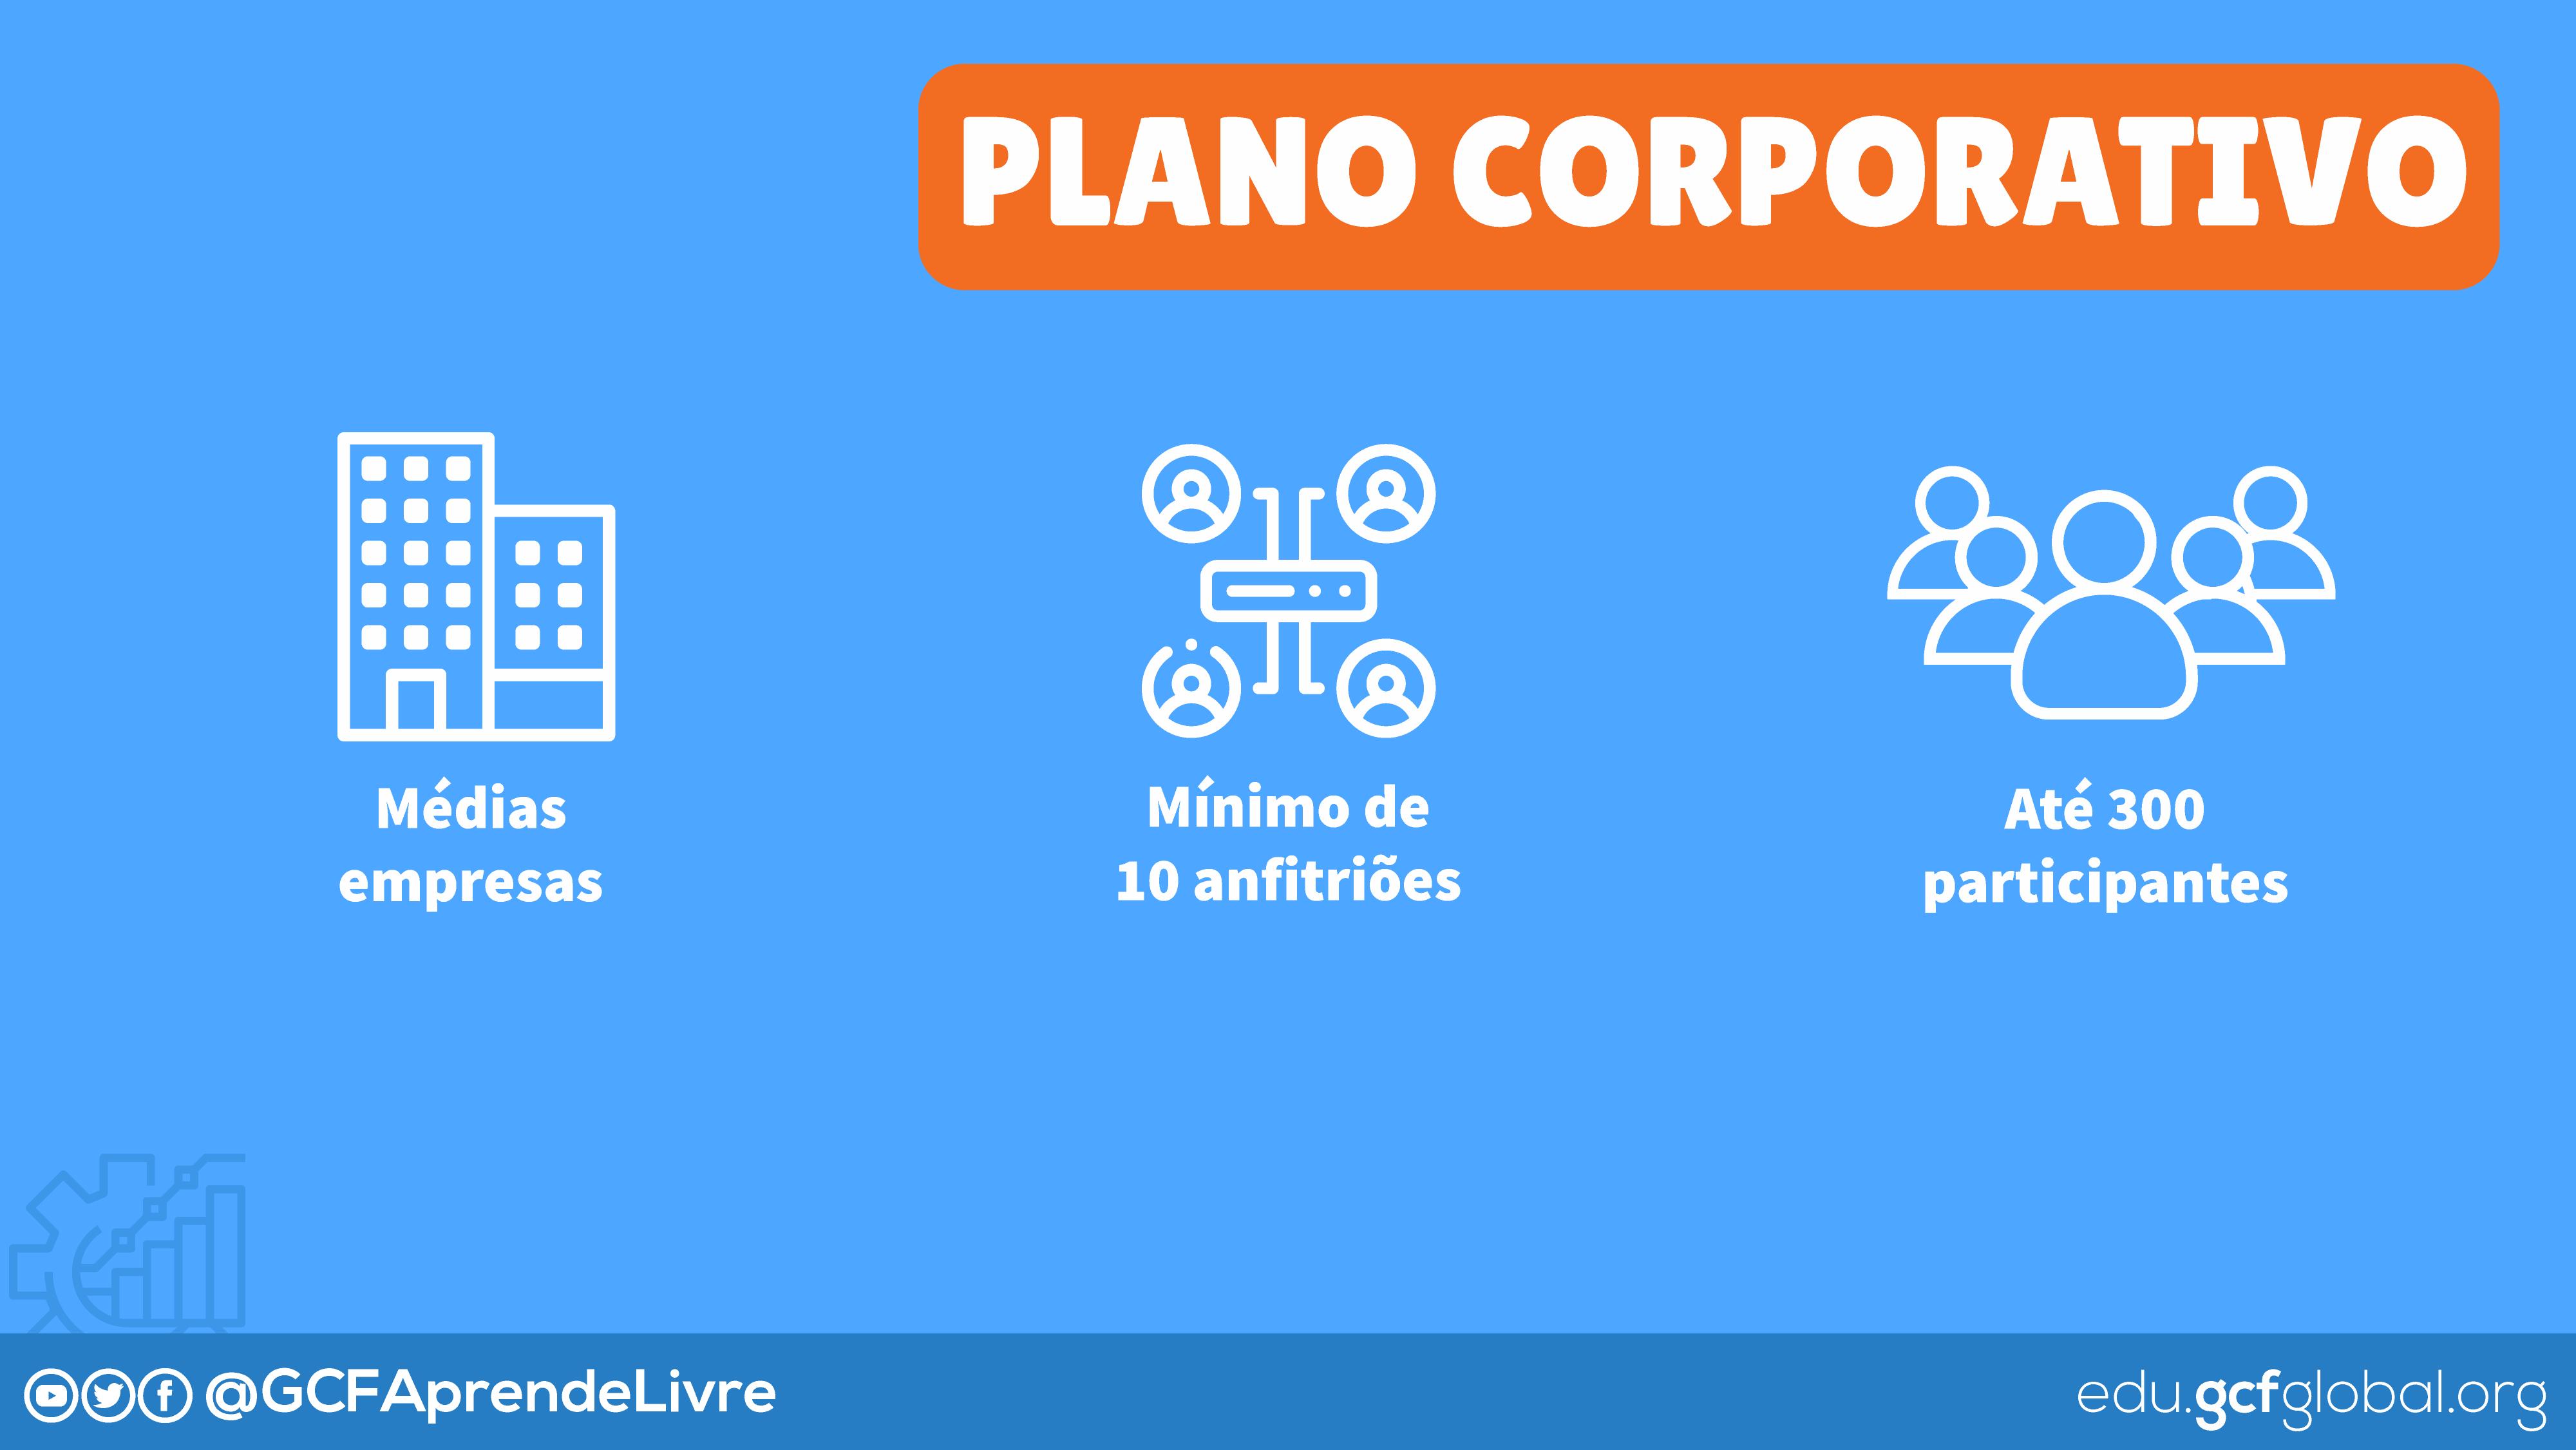 Imagem recursos plano corporativo